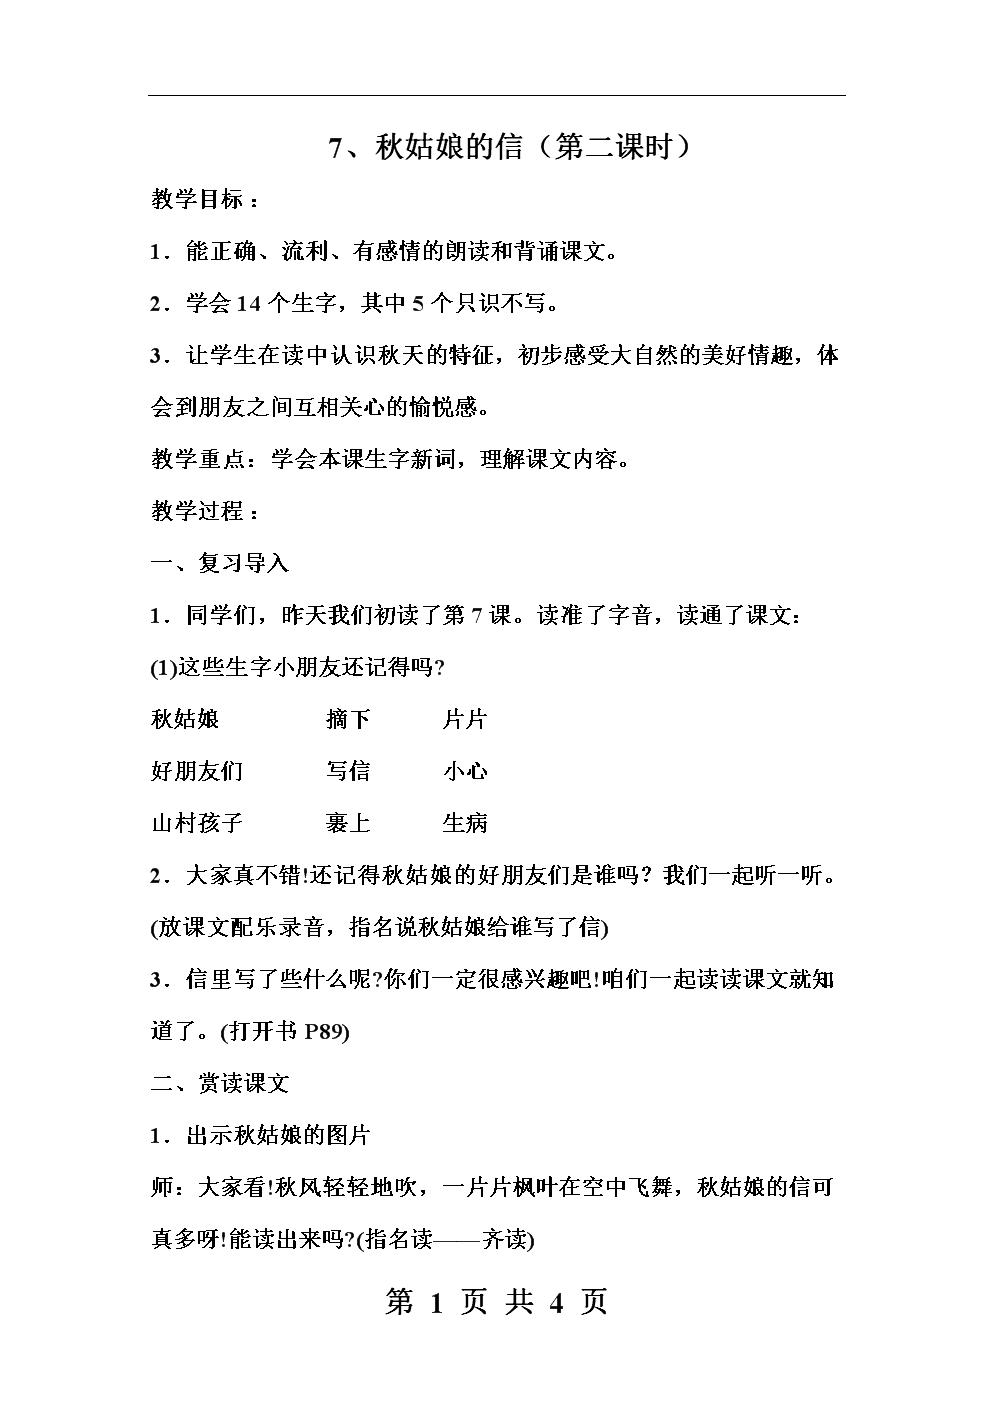 秋姑娘的信   第二課時教案.doc